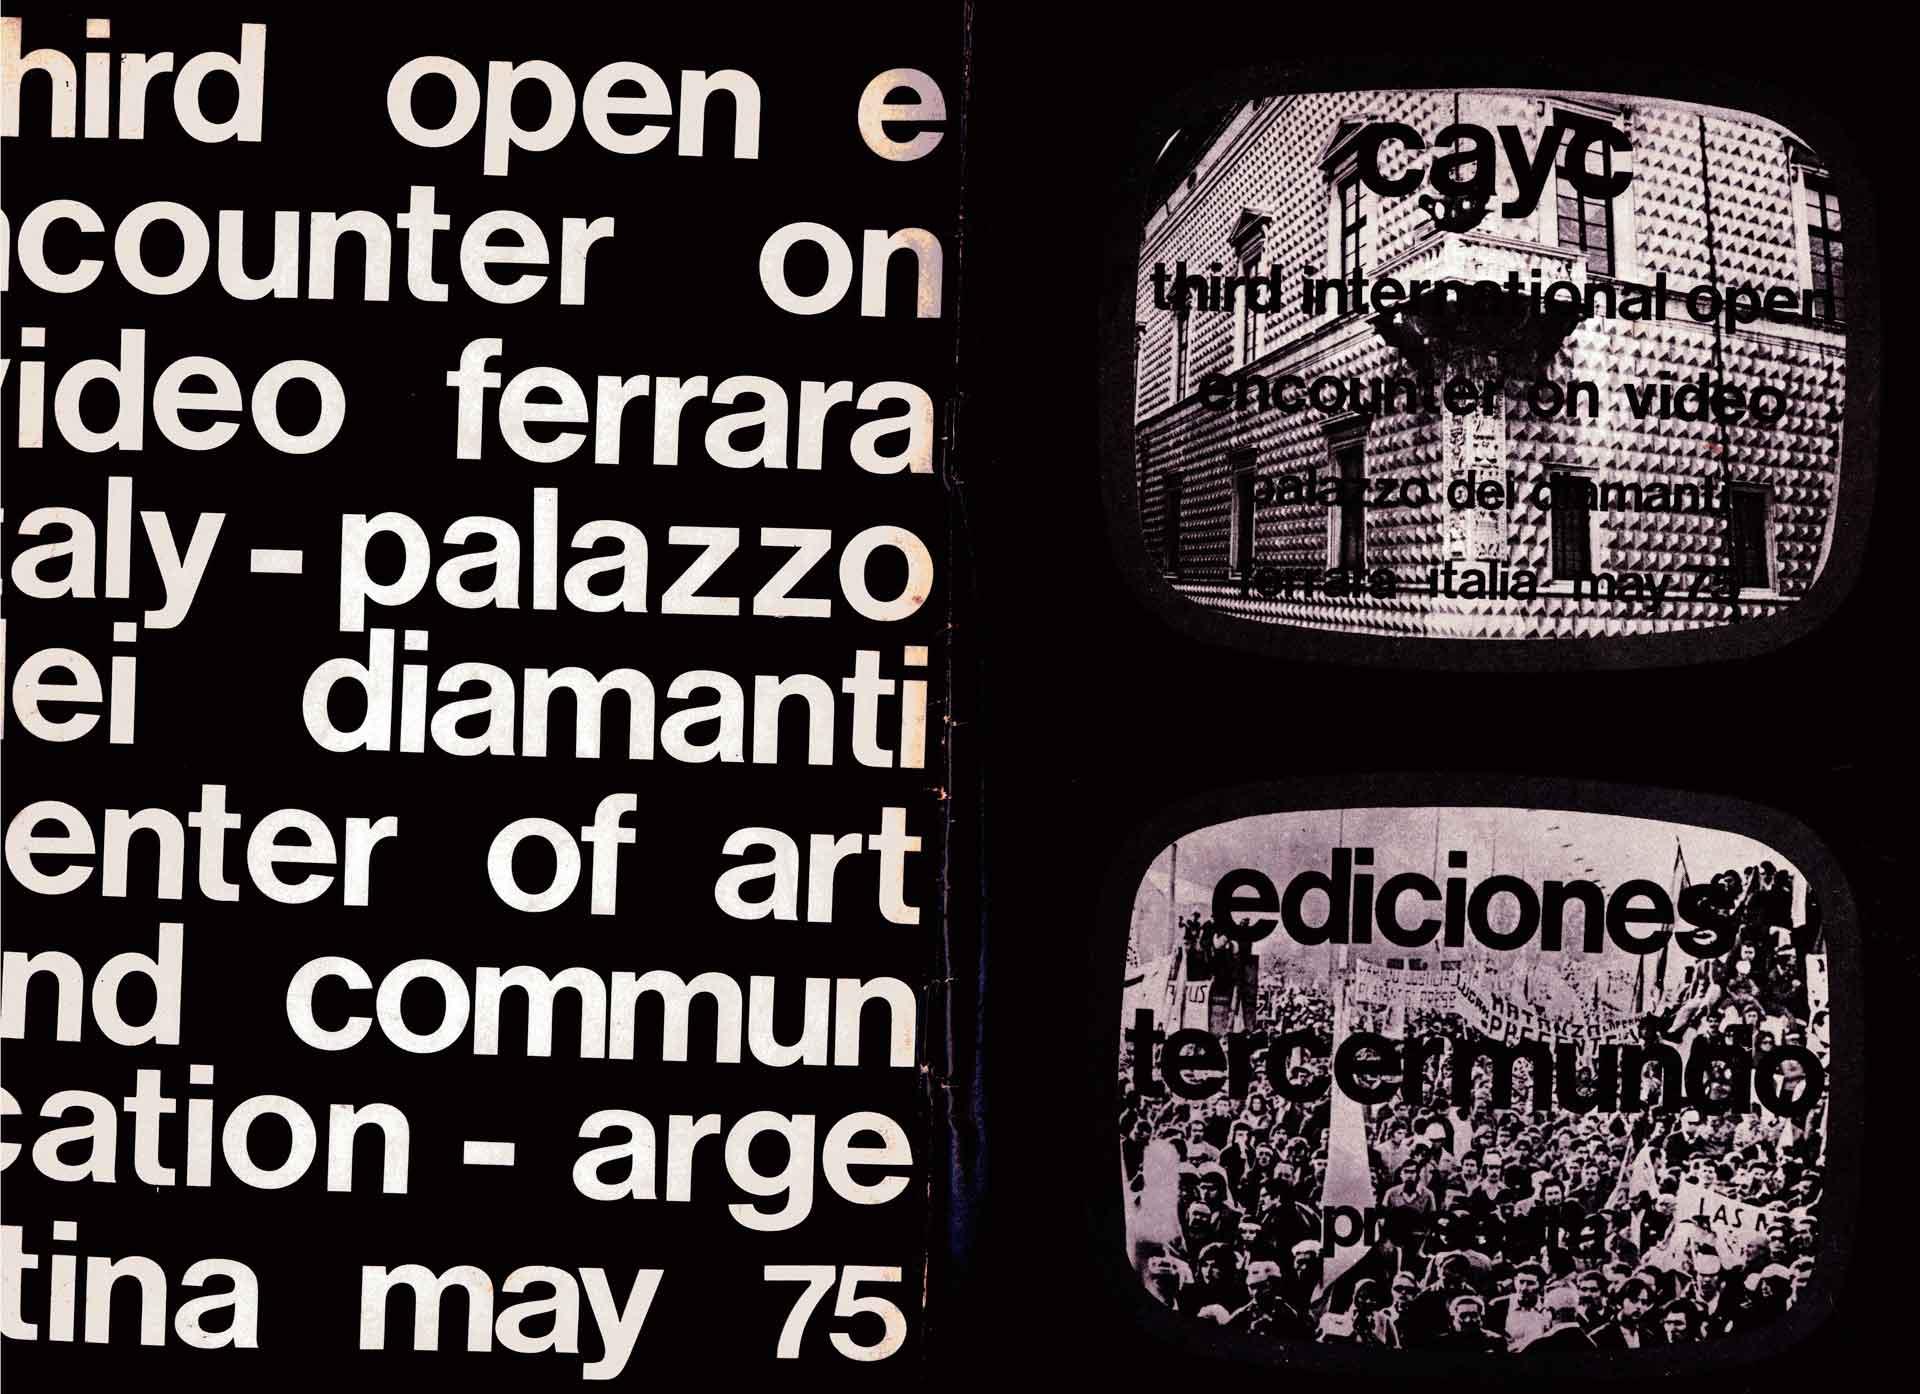 Copertina del catalogo del «Third Open Encounter on Video», a cura di Jorge Glusberg e Lola Bonora, Ferrara, Palazzo dei Diamanti, maggio 1975.